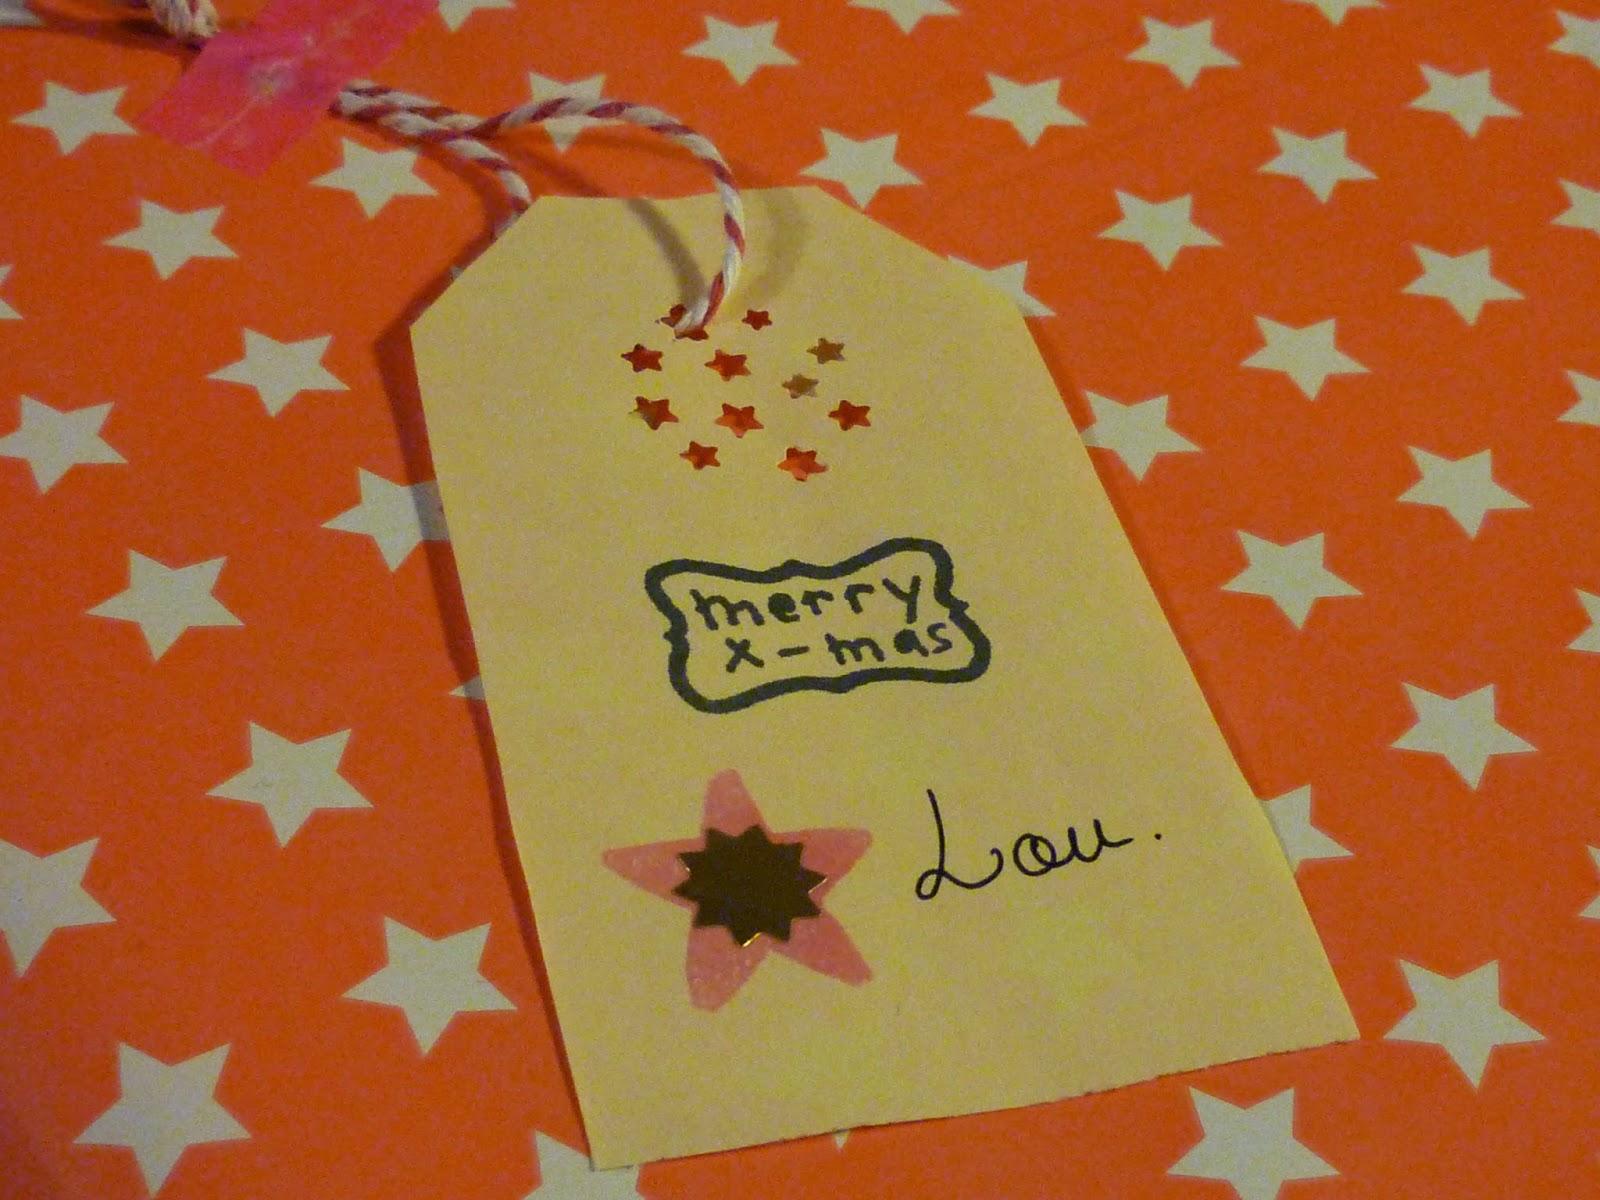 étiquette tag collée sur un cadeau